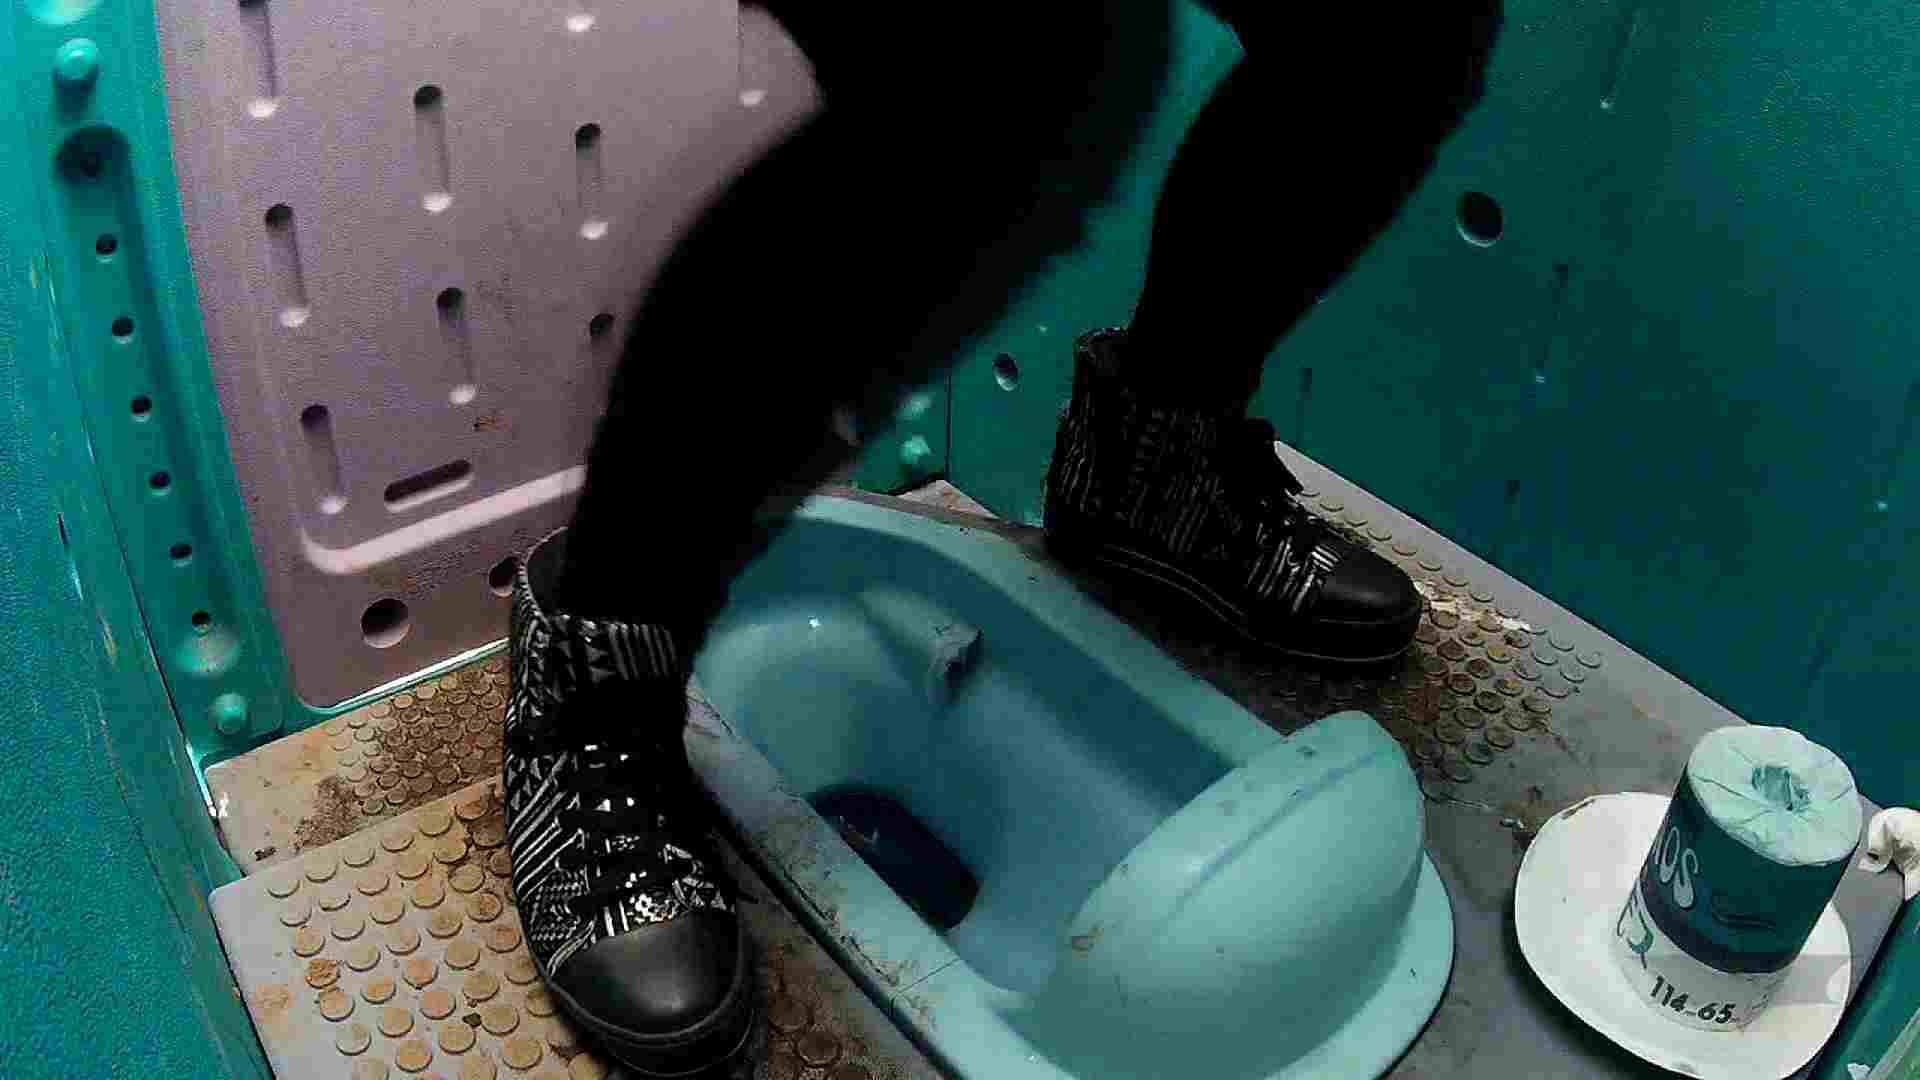 痴態洗面所 Vol.06 中が「マジヤバいヨネ!」洗面所 洗面所 SEX無修正画像 84画像 68